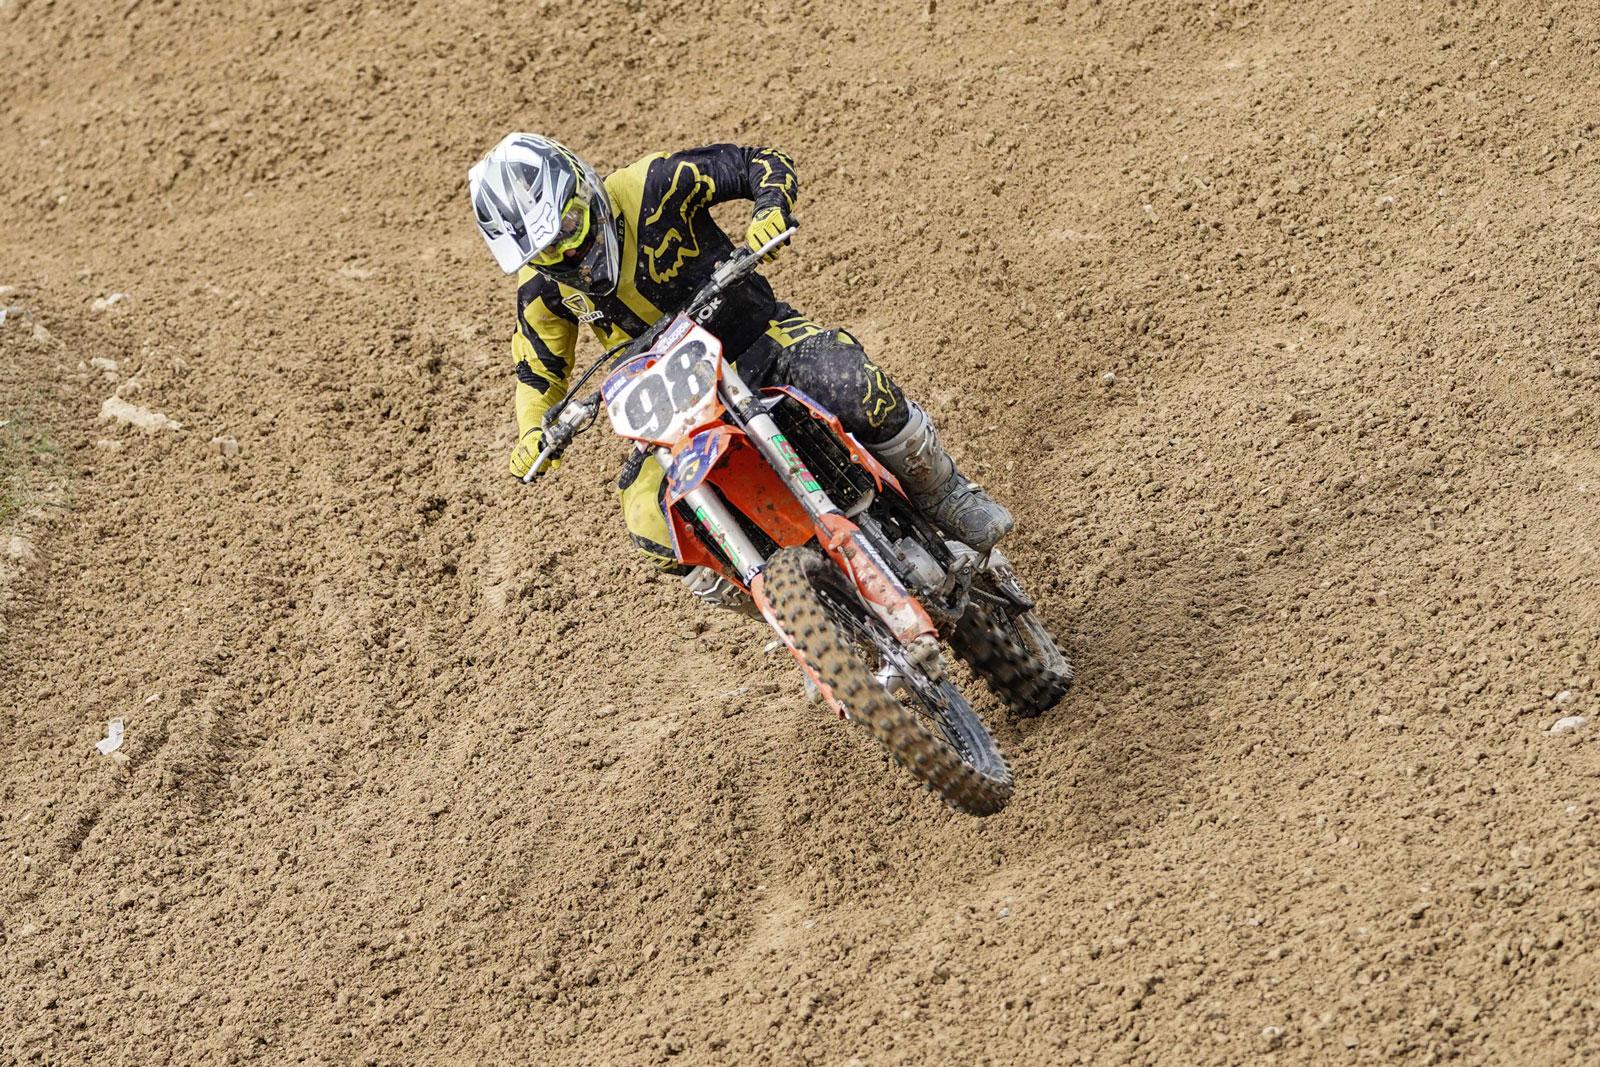 Sergio Valera del Equipo KTM - DERMOTOR - SORT